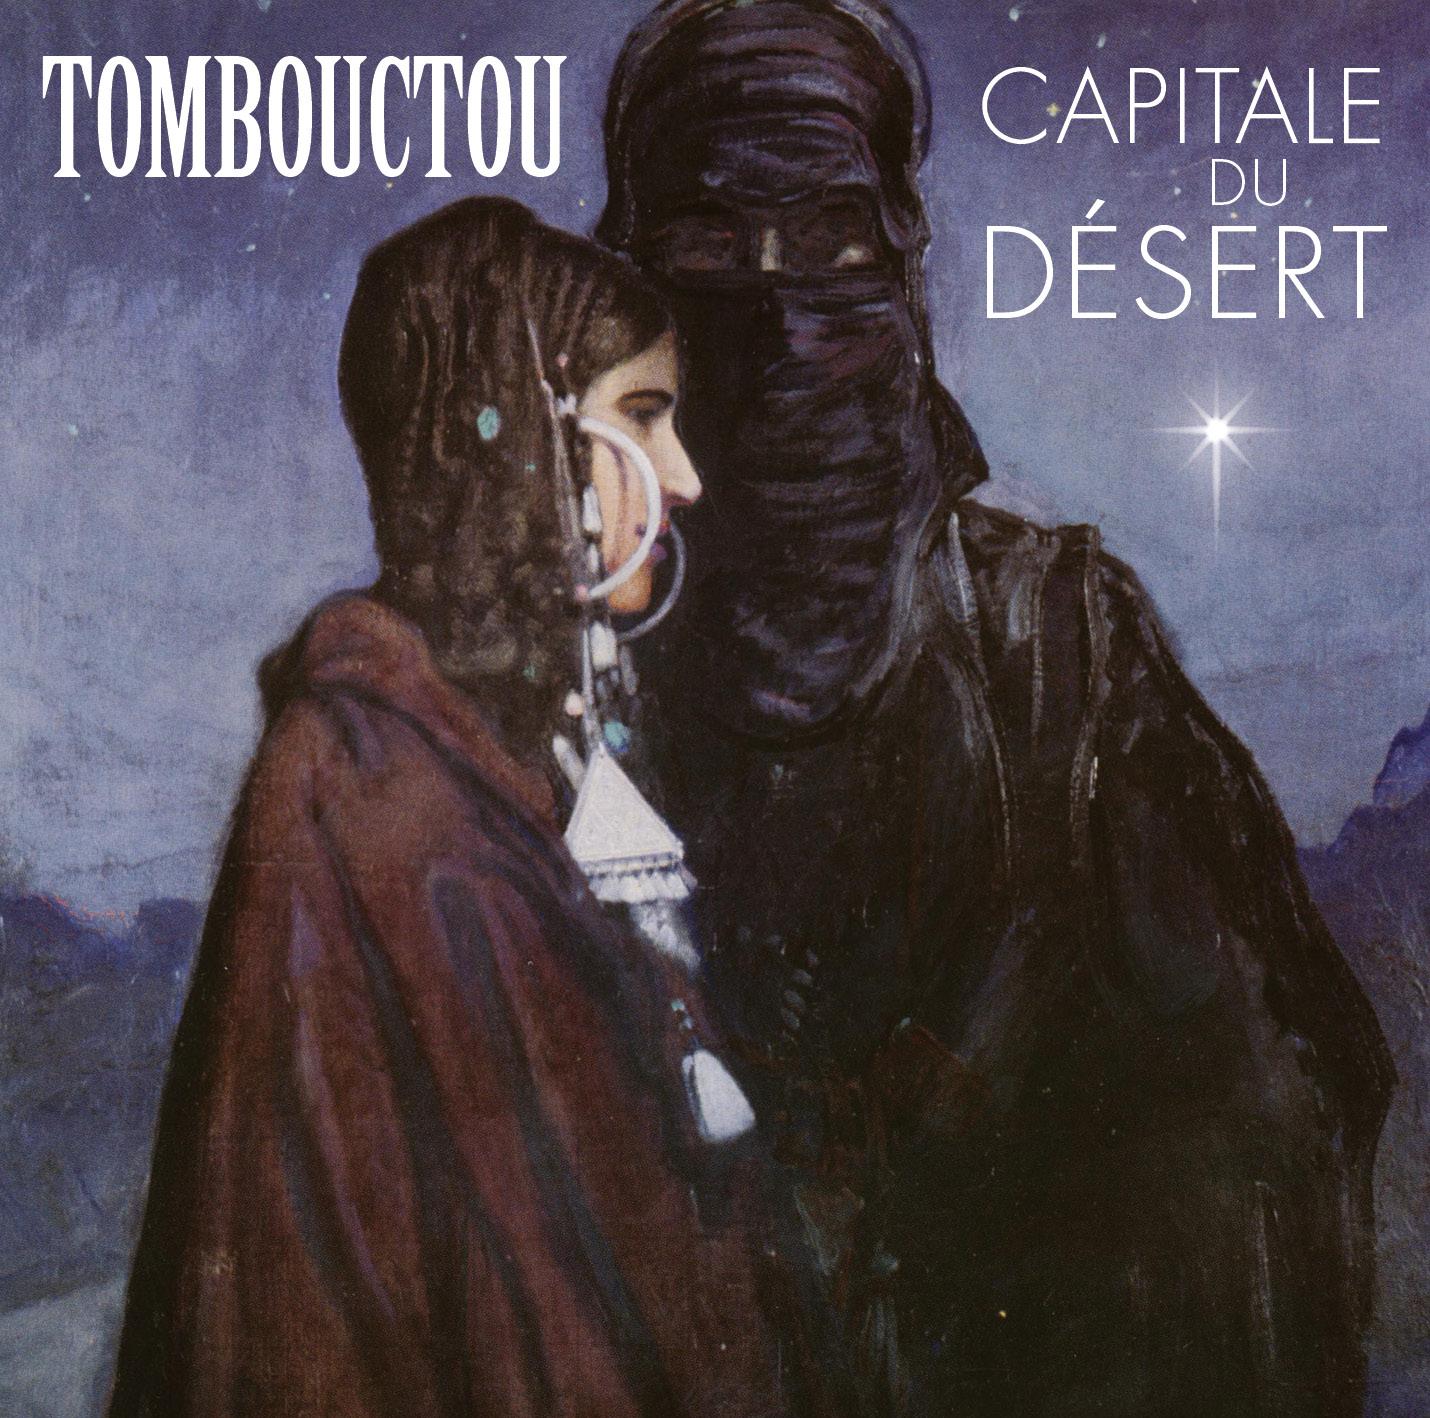 Tombouctou : Capitale du Désert